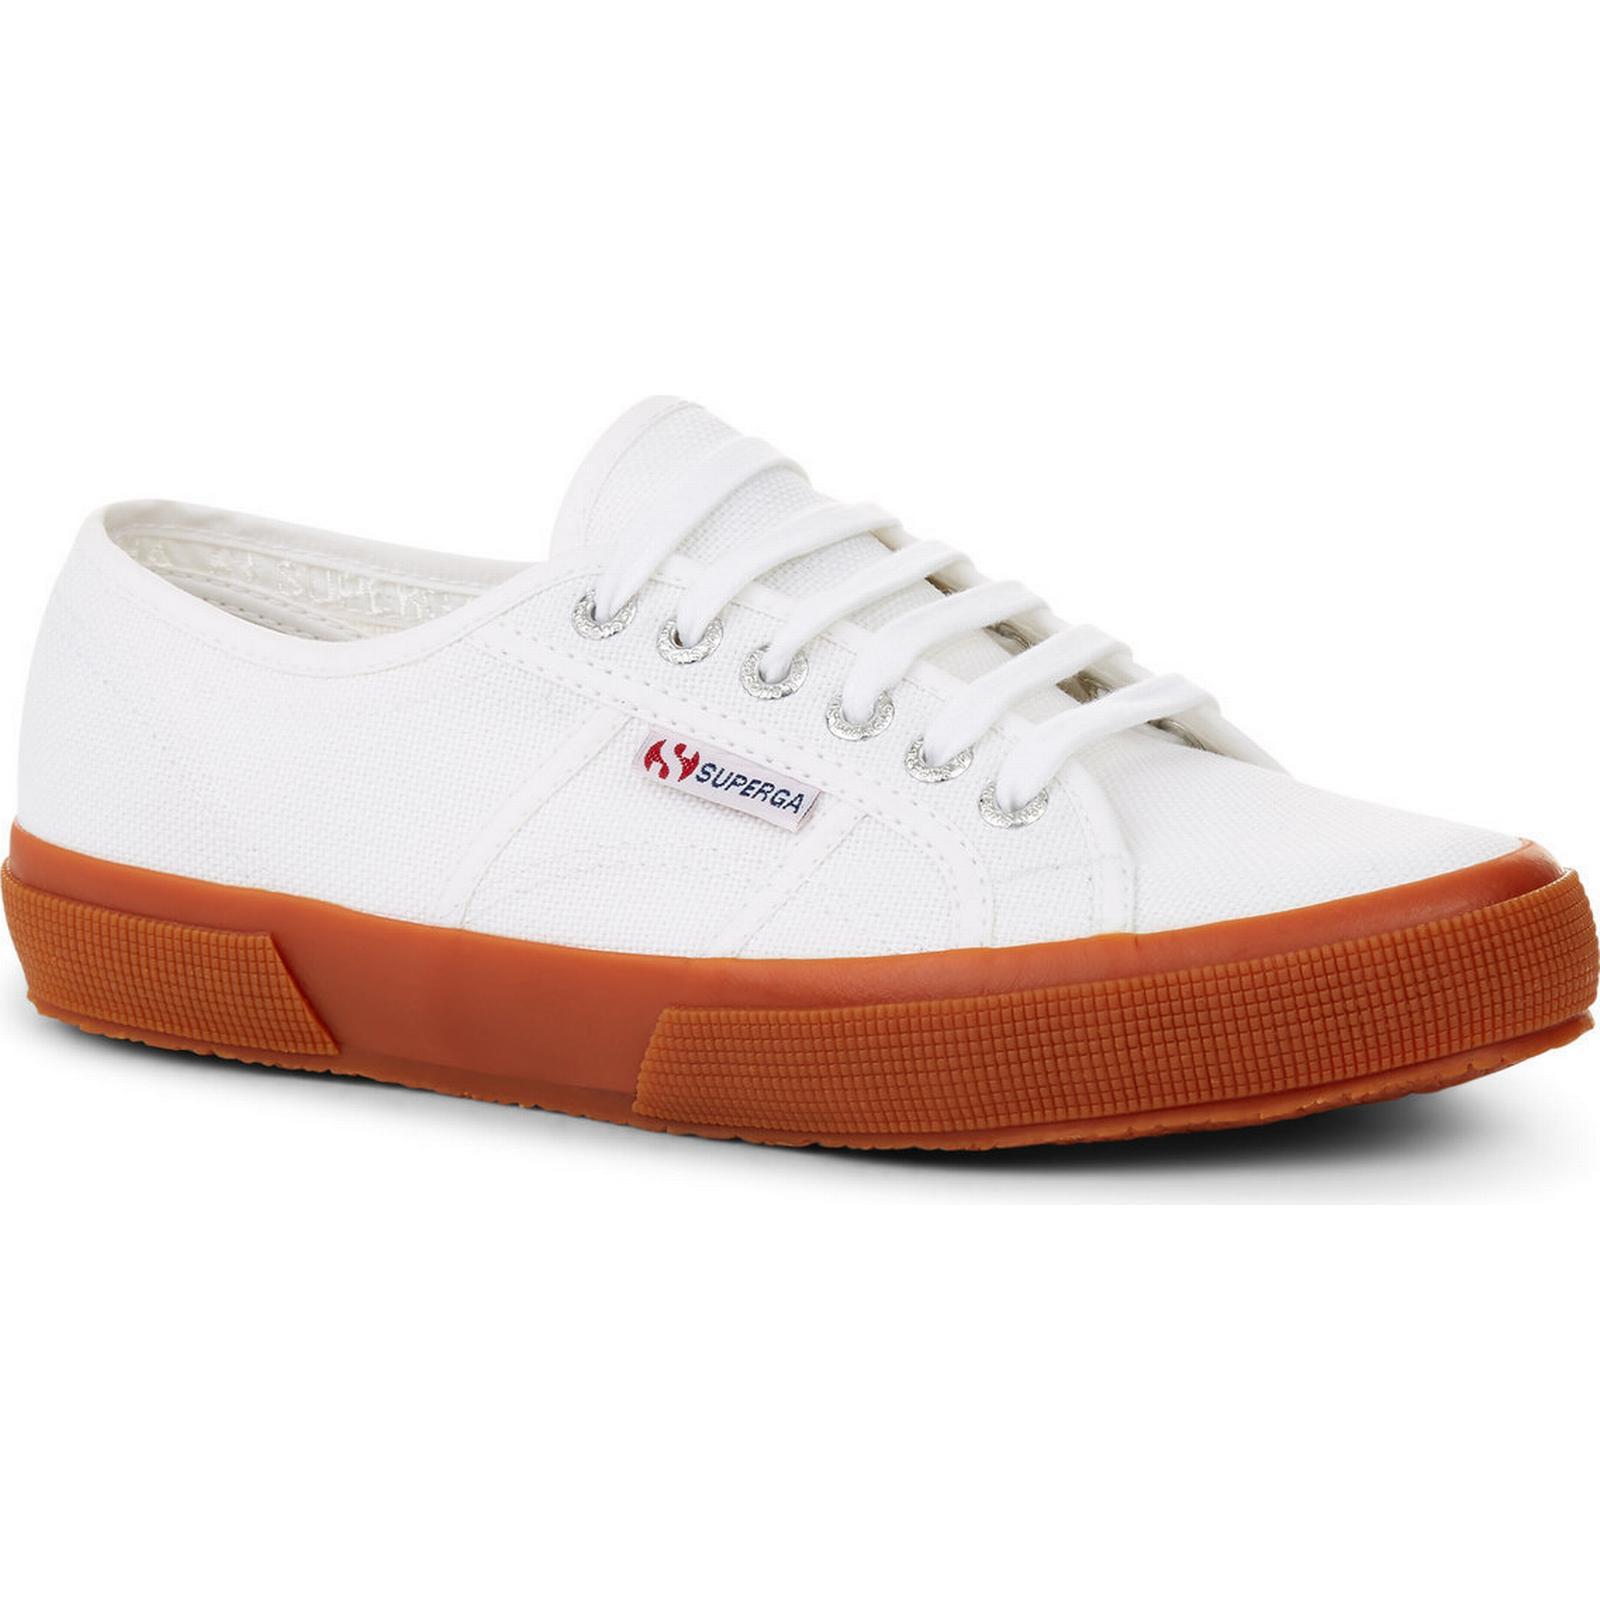 Superga 2750 35) COTU CLASSIC 2.5 (EU 35) 2750 White Gum 02a1a5